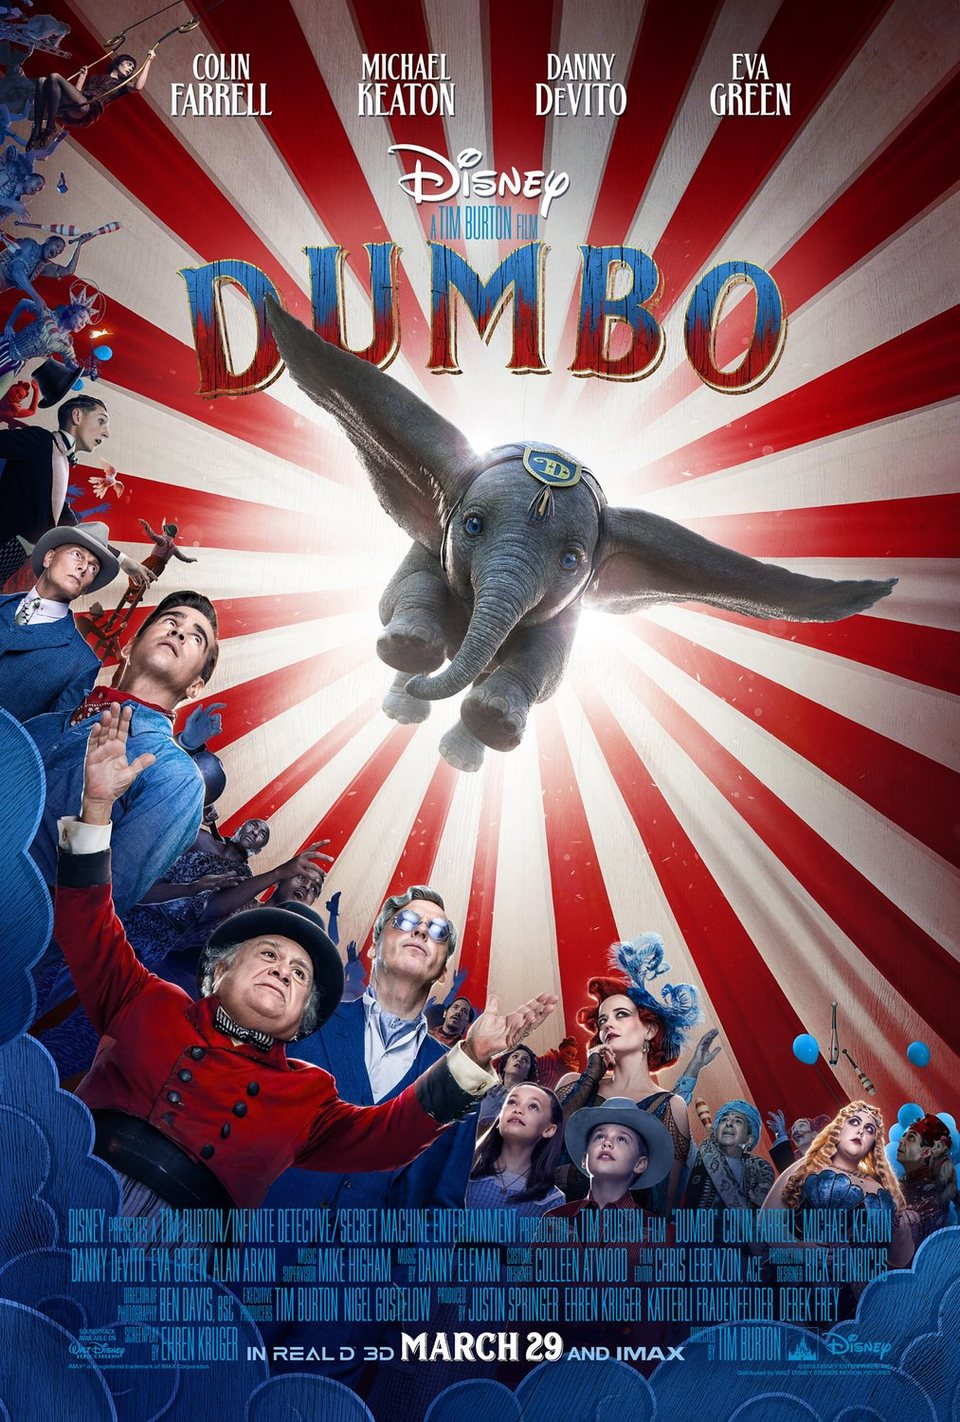 Cartel Póster de 'Dumbo'